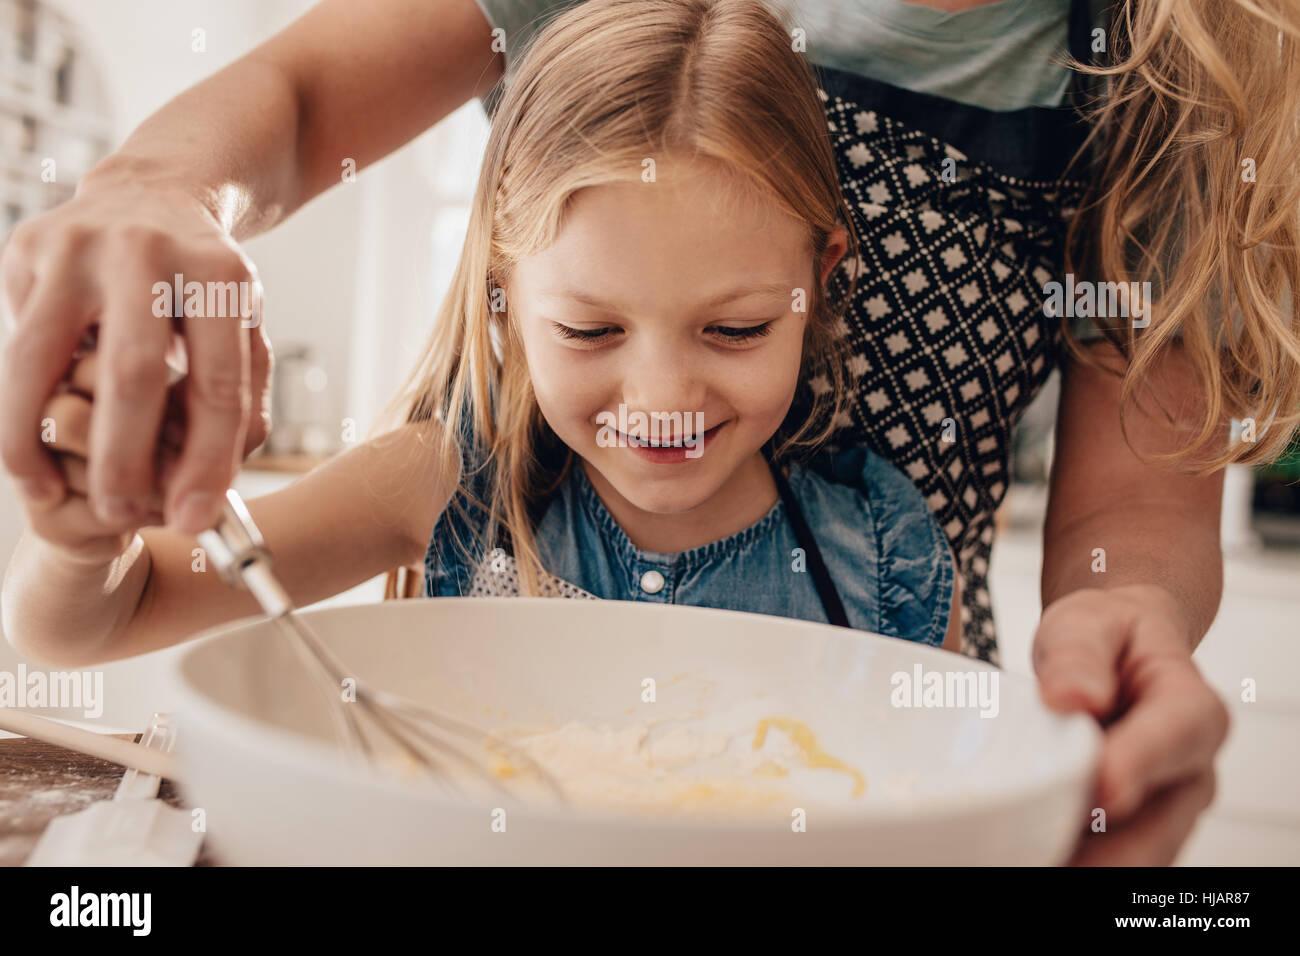 Hermosa niña con su madre mezclando bateador en el tazón y sonriente. Madre e hija en la cocina preparando Imagen De Stock